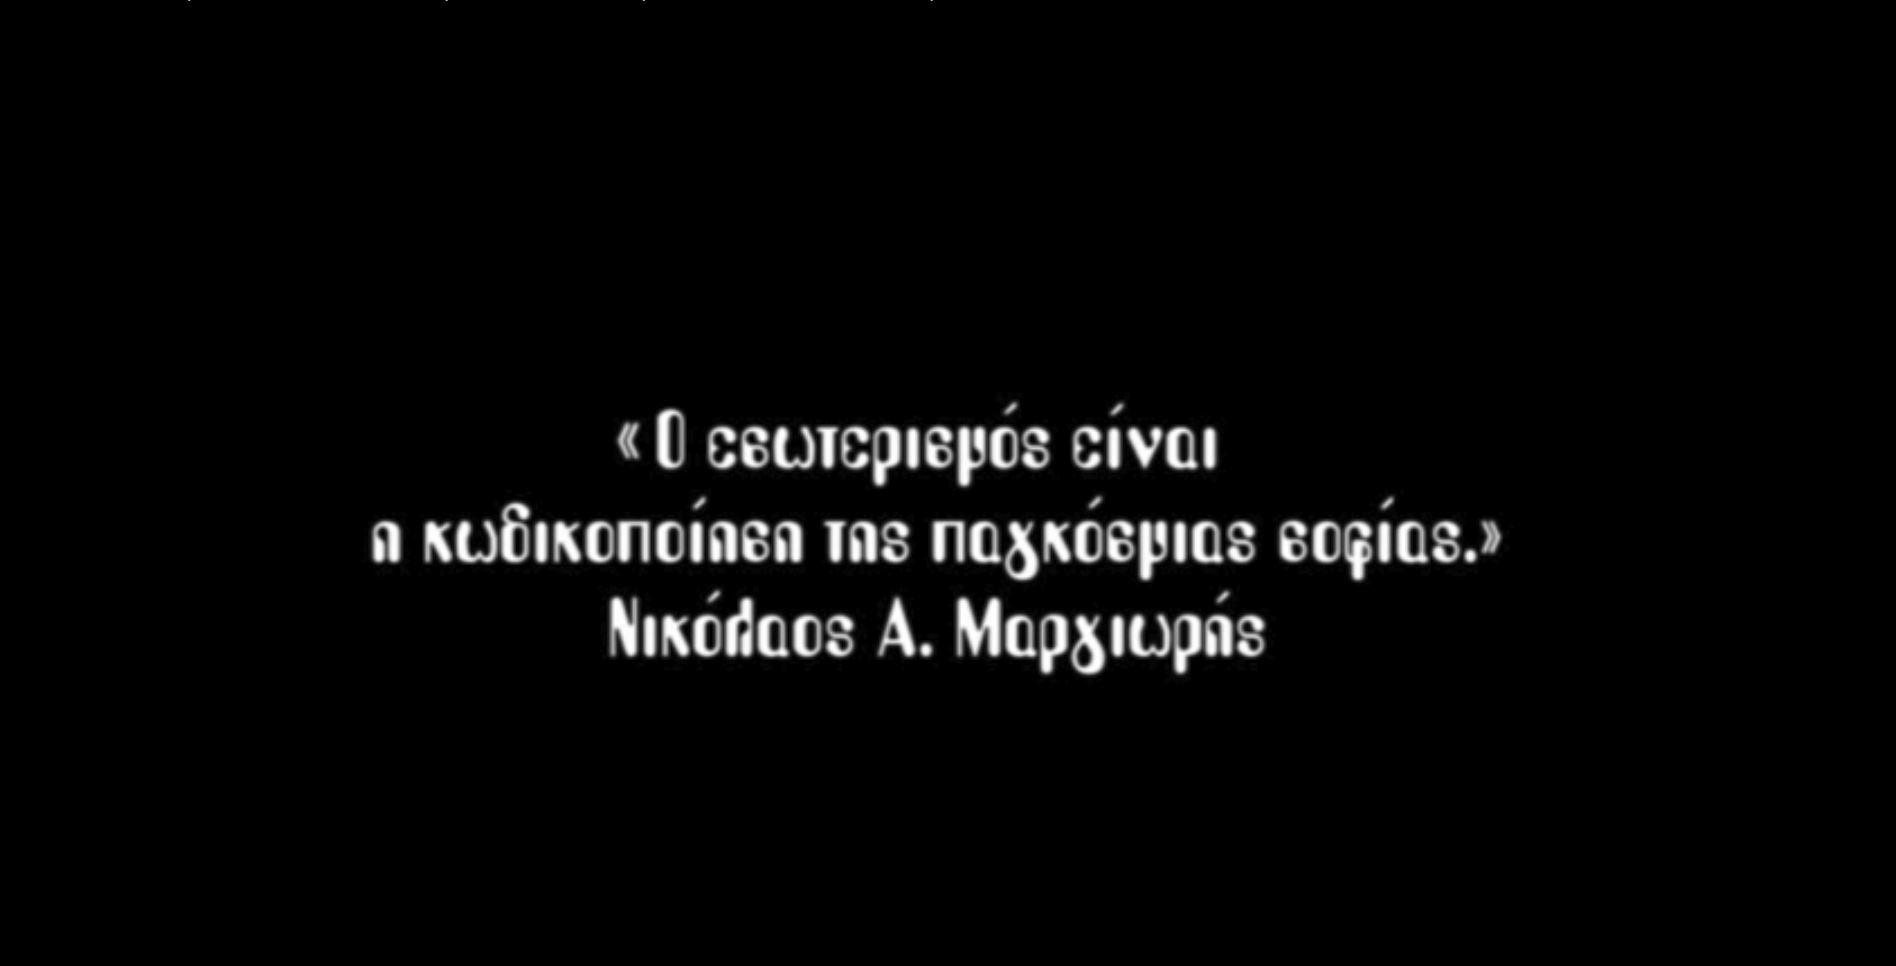 ΚΡΙΓΙΑ ΓΙΟΓΚΑ